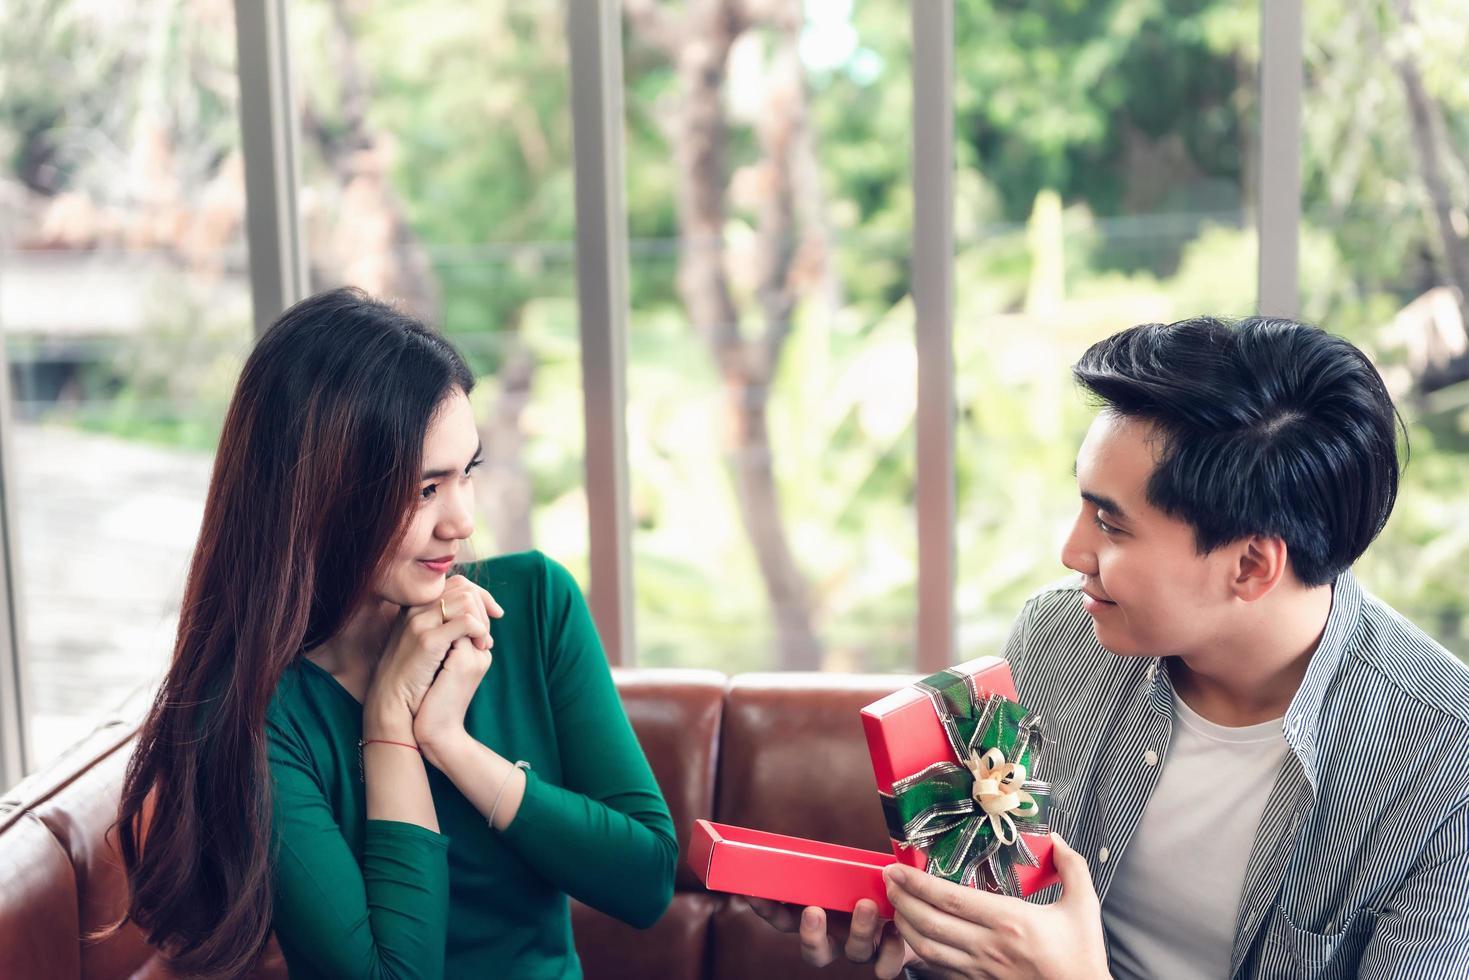 Mann überrascht Freundin ein mit Geschenk foto